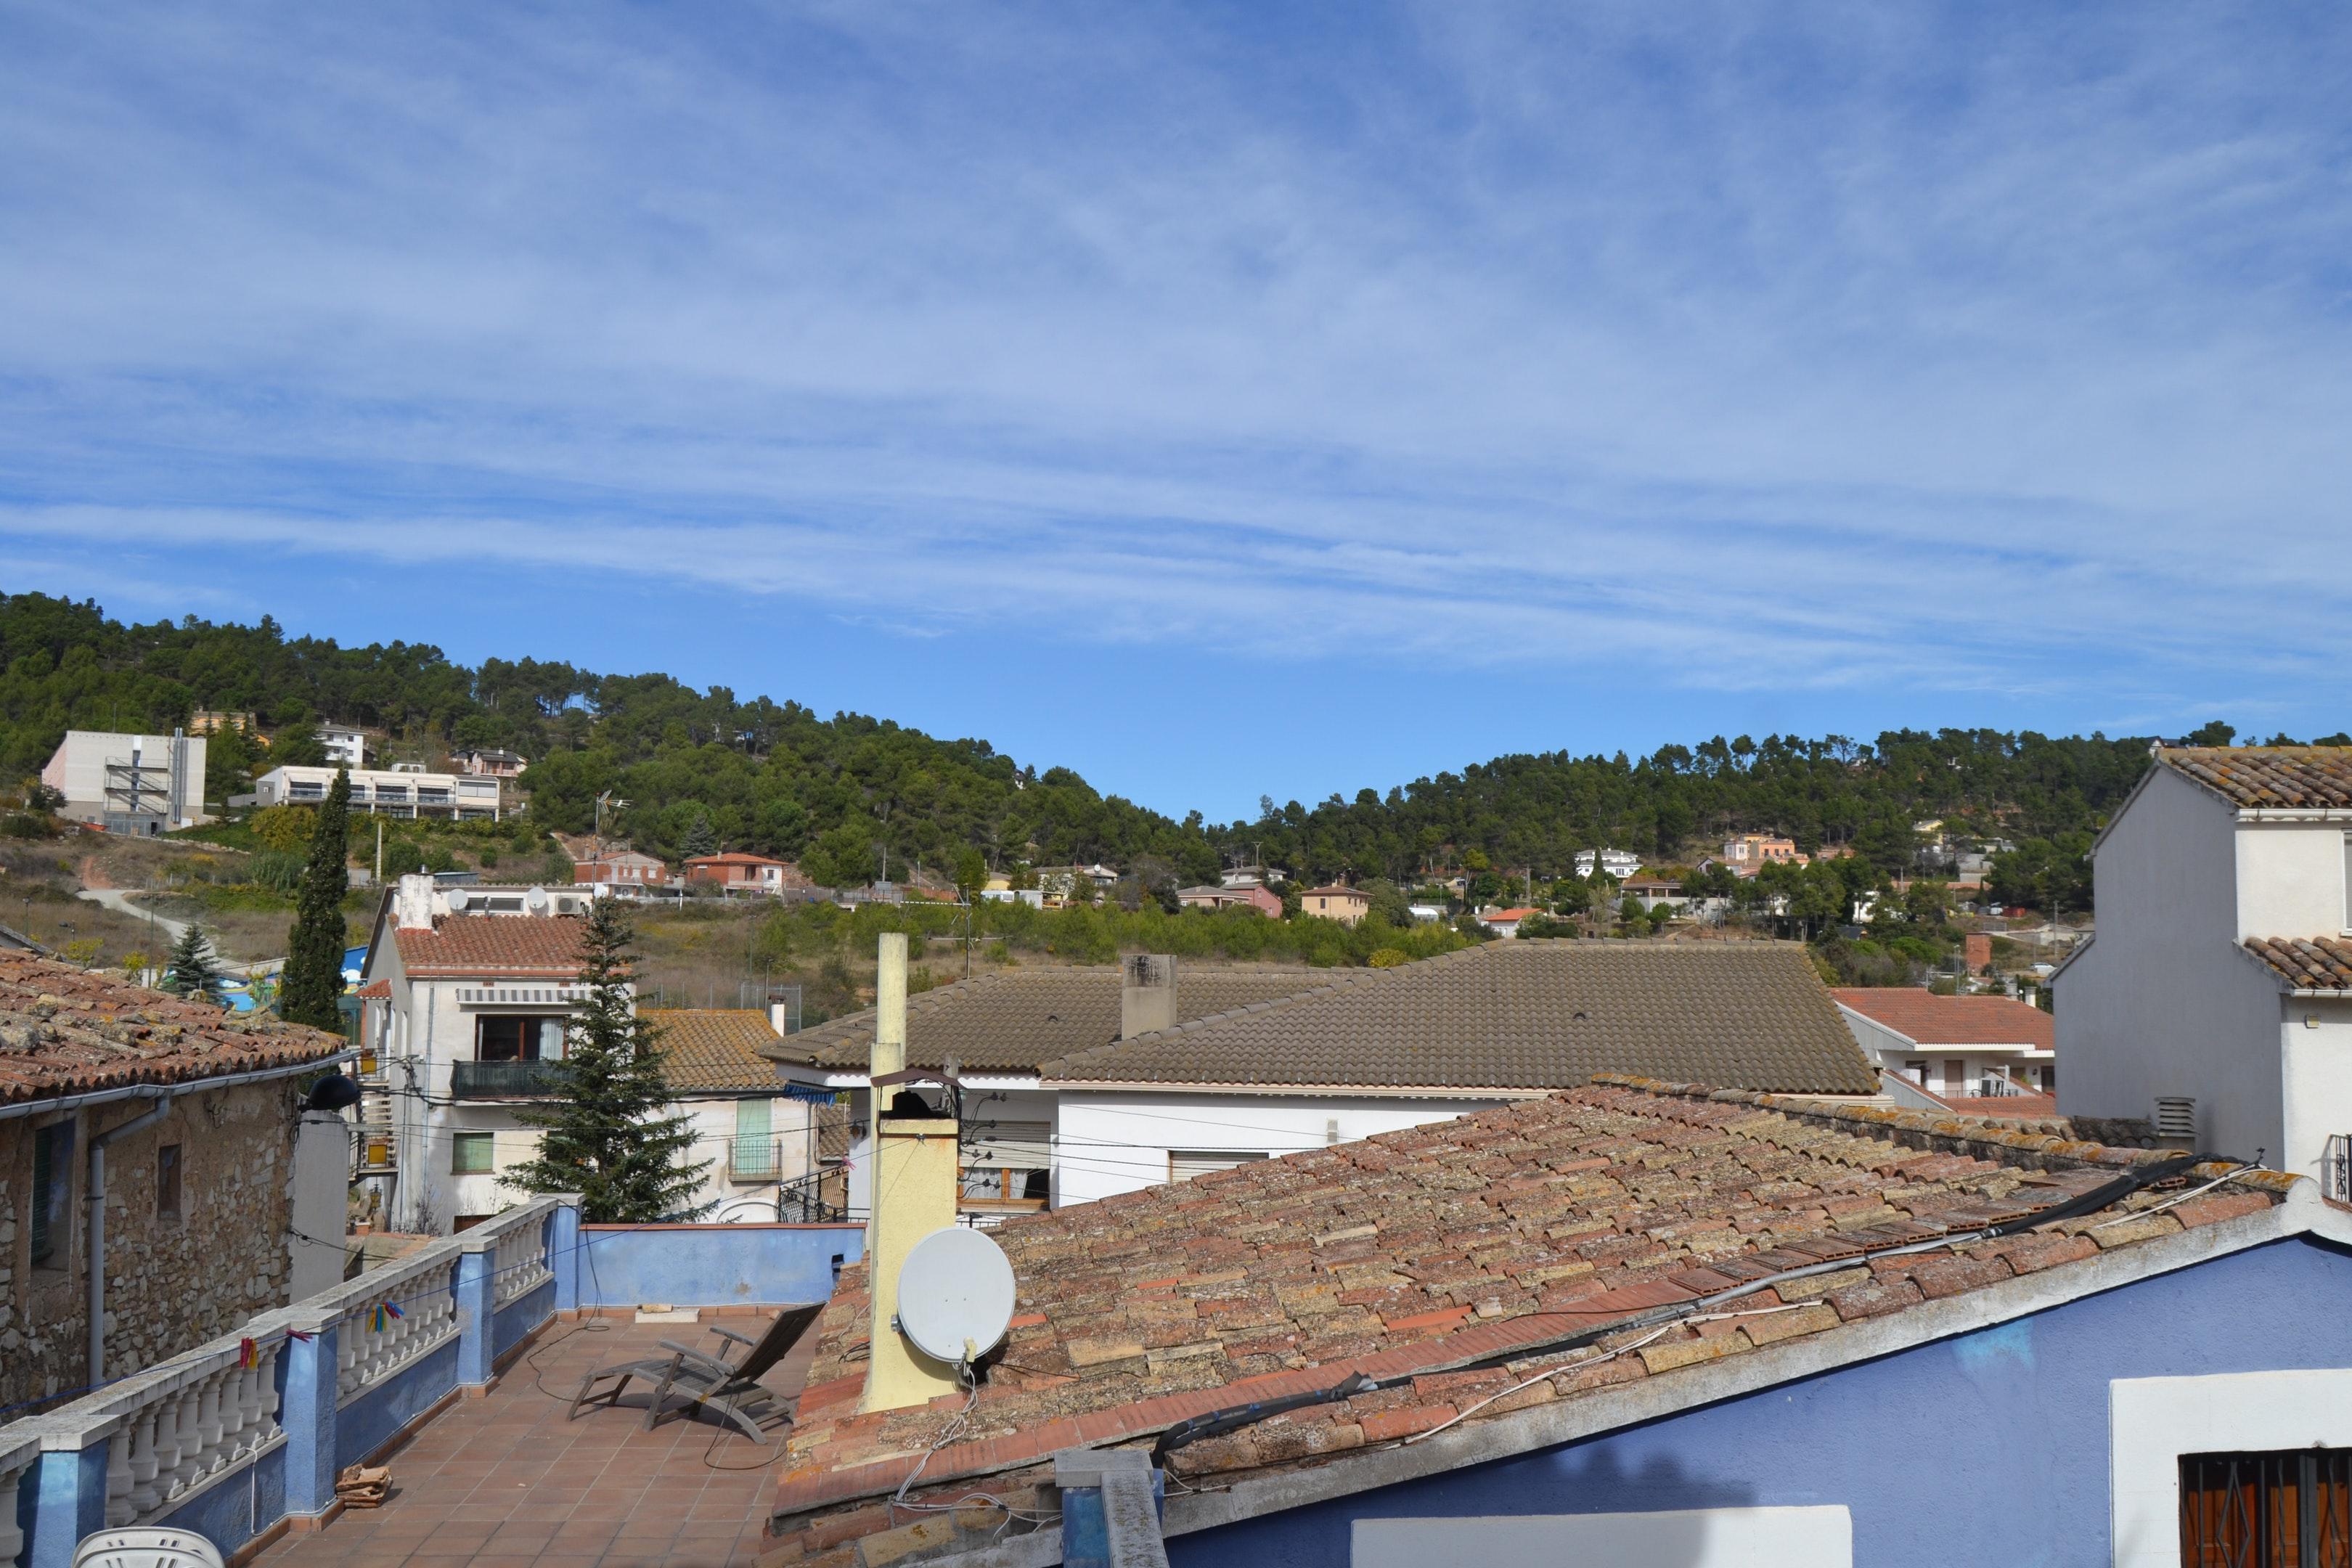 Ferienhaus Haus mit 4 Schlafzimmern in Sant Pere Sacarrera mit toller Aussicht auf die Berge, möblier (2217248), Sant Pere Sacarrera, Barcelona, Katalonien, Spanien, Bild 16